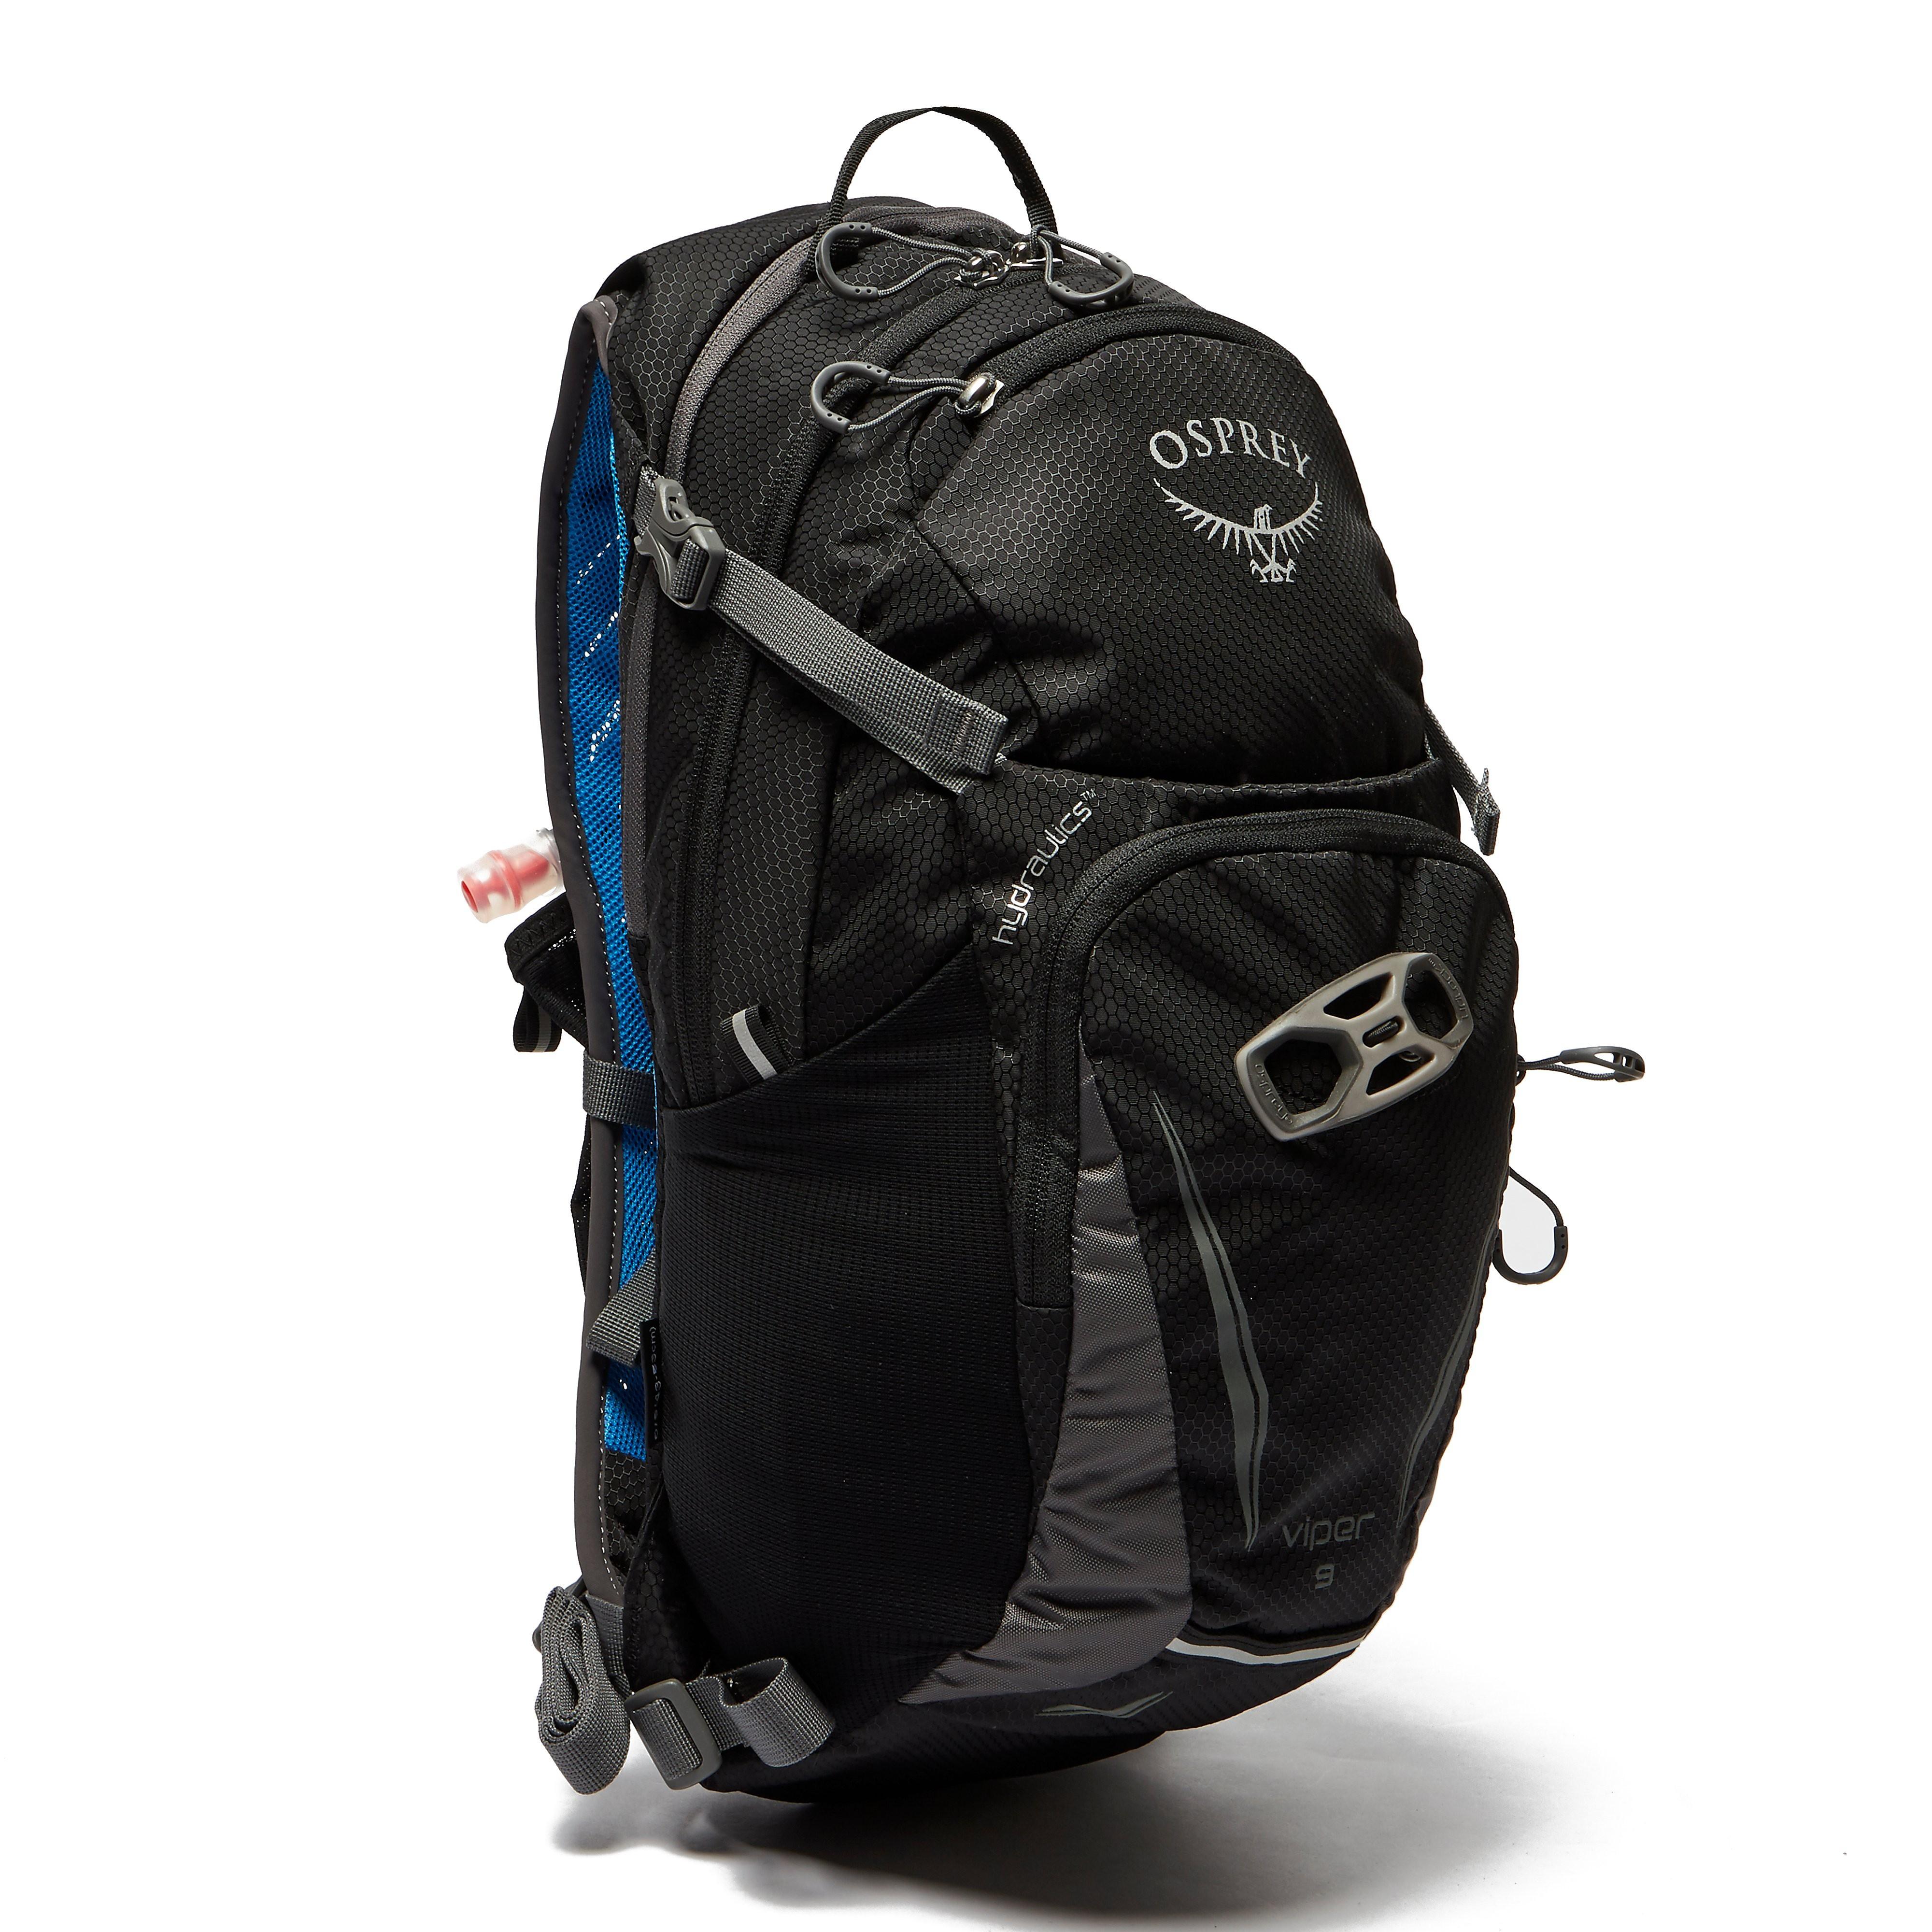 Osprey Viper 9 Backpack